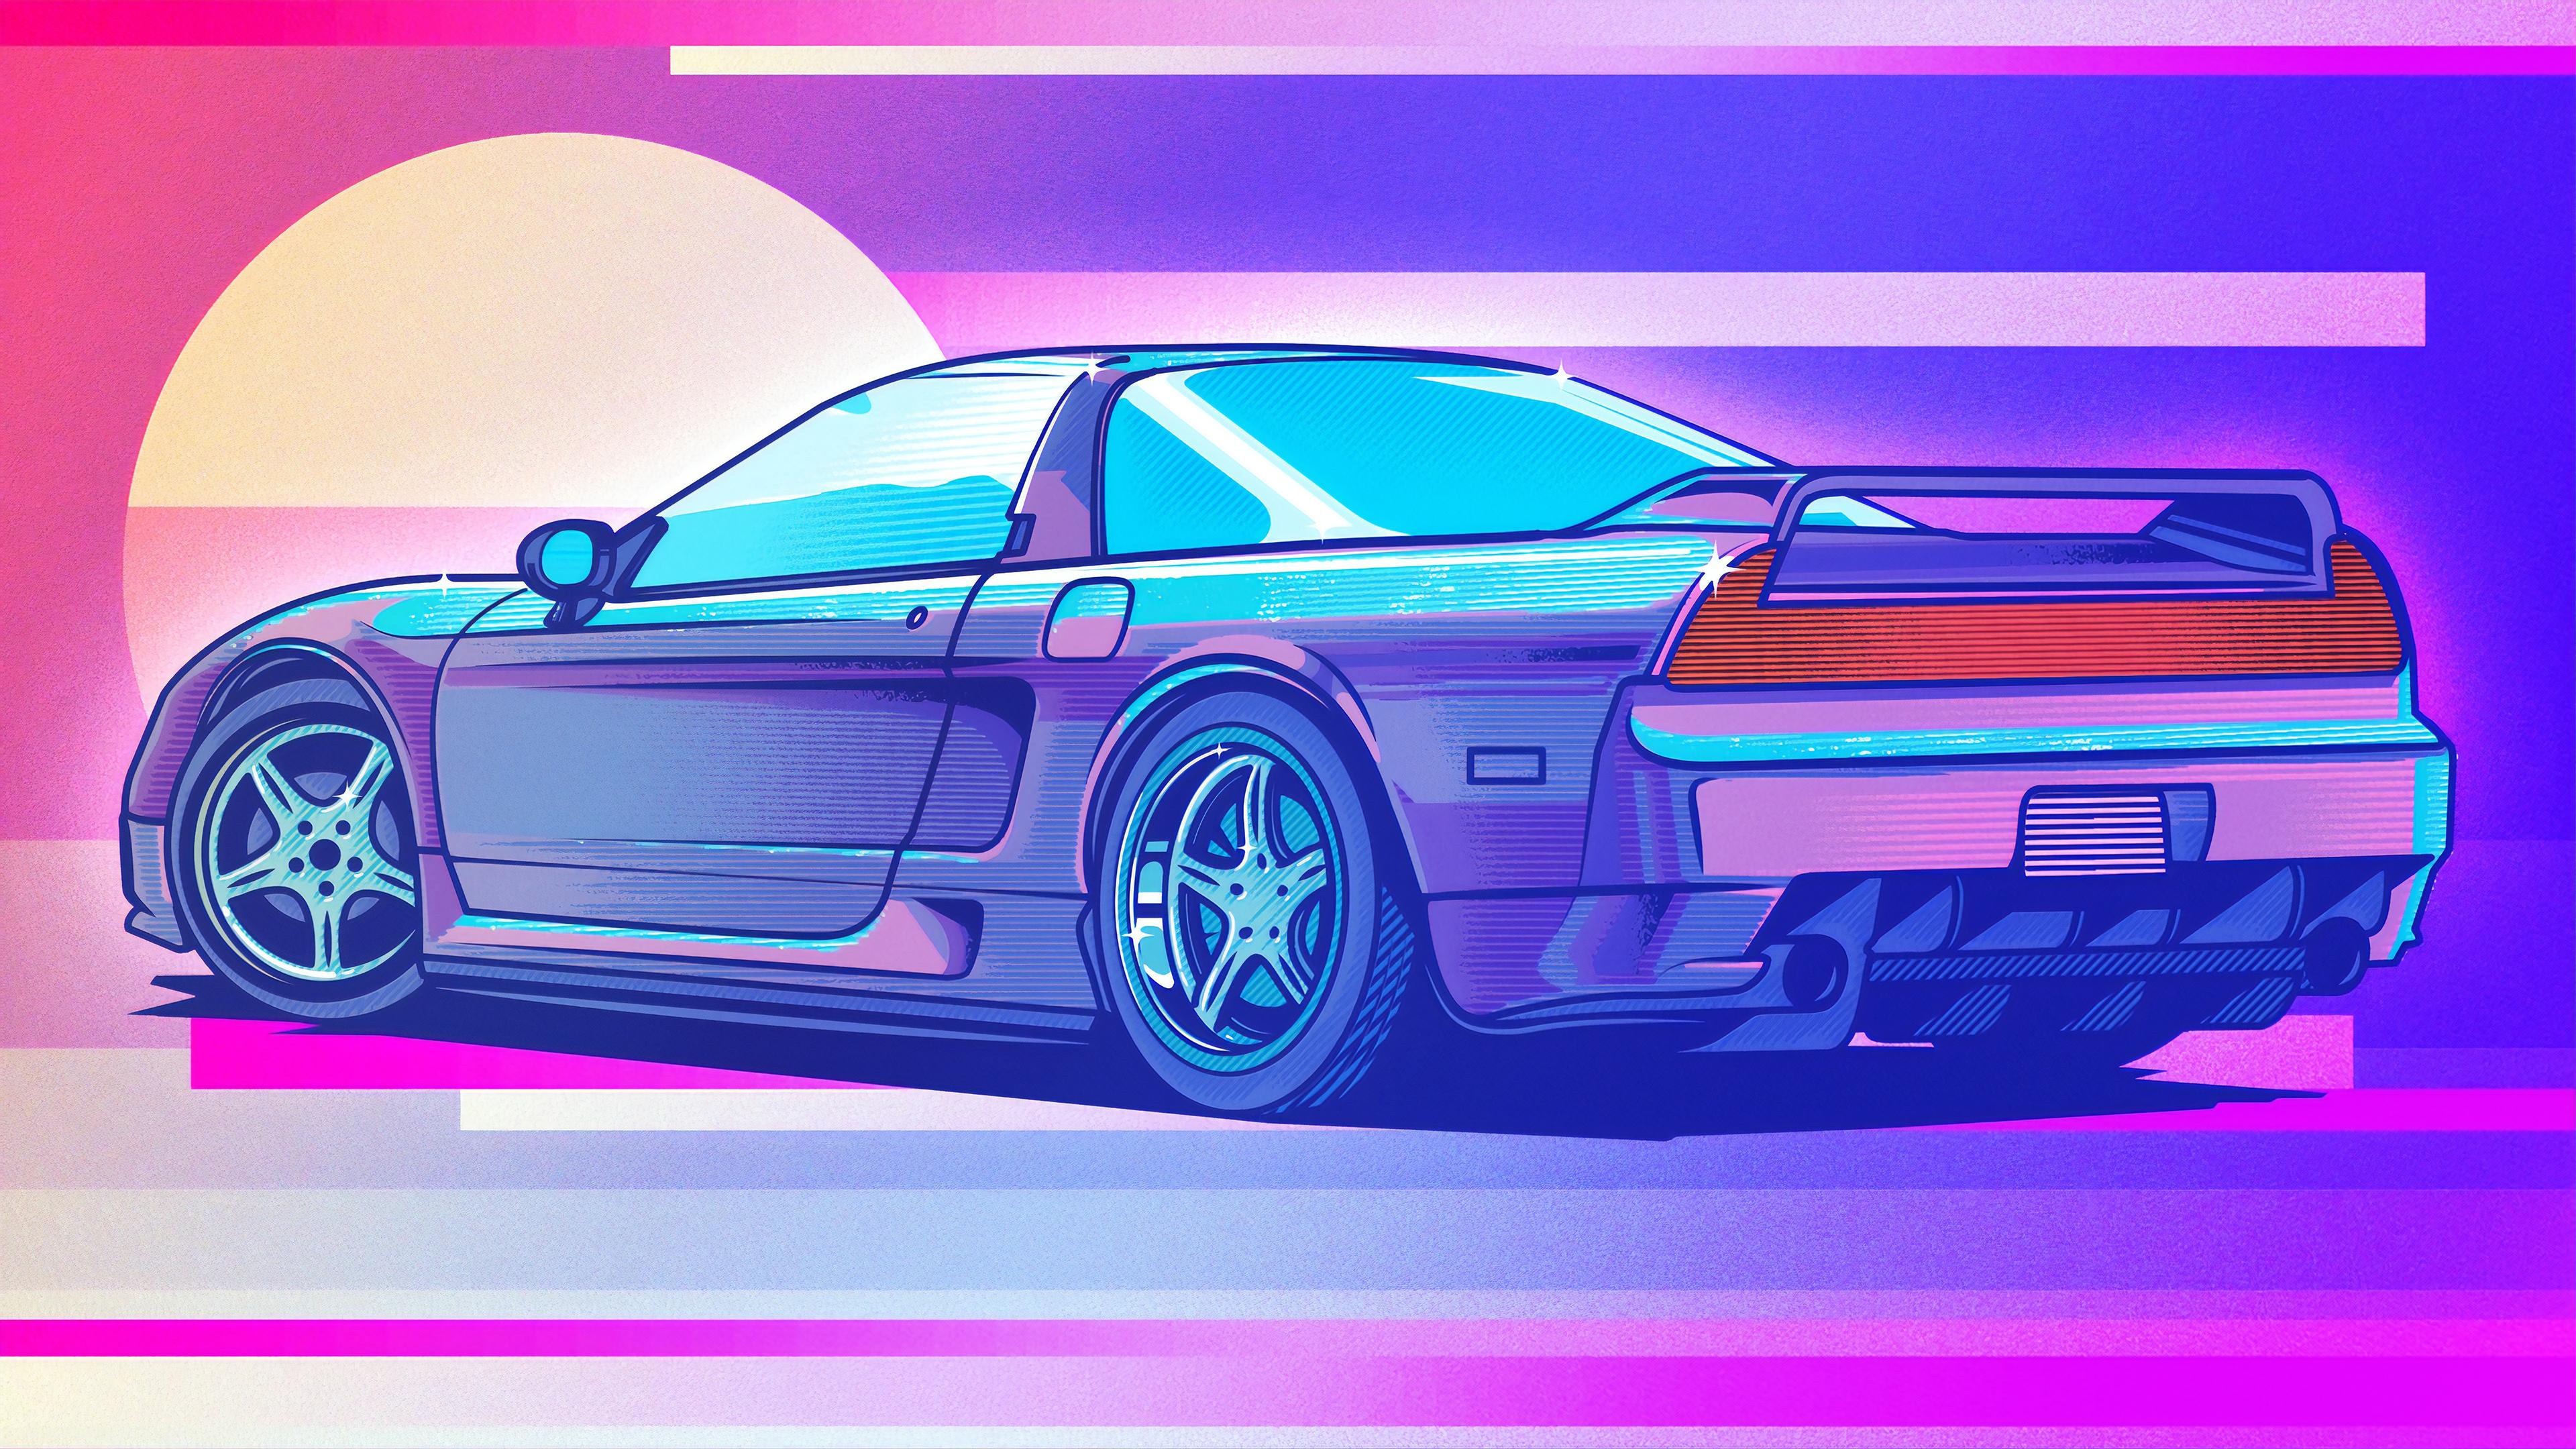 honda nsx retrowave art 1563221178 - Honda Nsx Retrowave Art - retrowave wallpapers, honda wallpapers, honda nsx wallpapers, hd-wallpapers, digital art wallpapers, cars wallpapers, artwork wallpapers, artist wallpapers, 4k-wallpapers